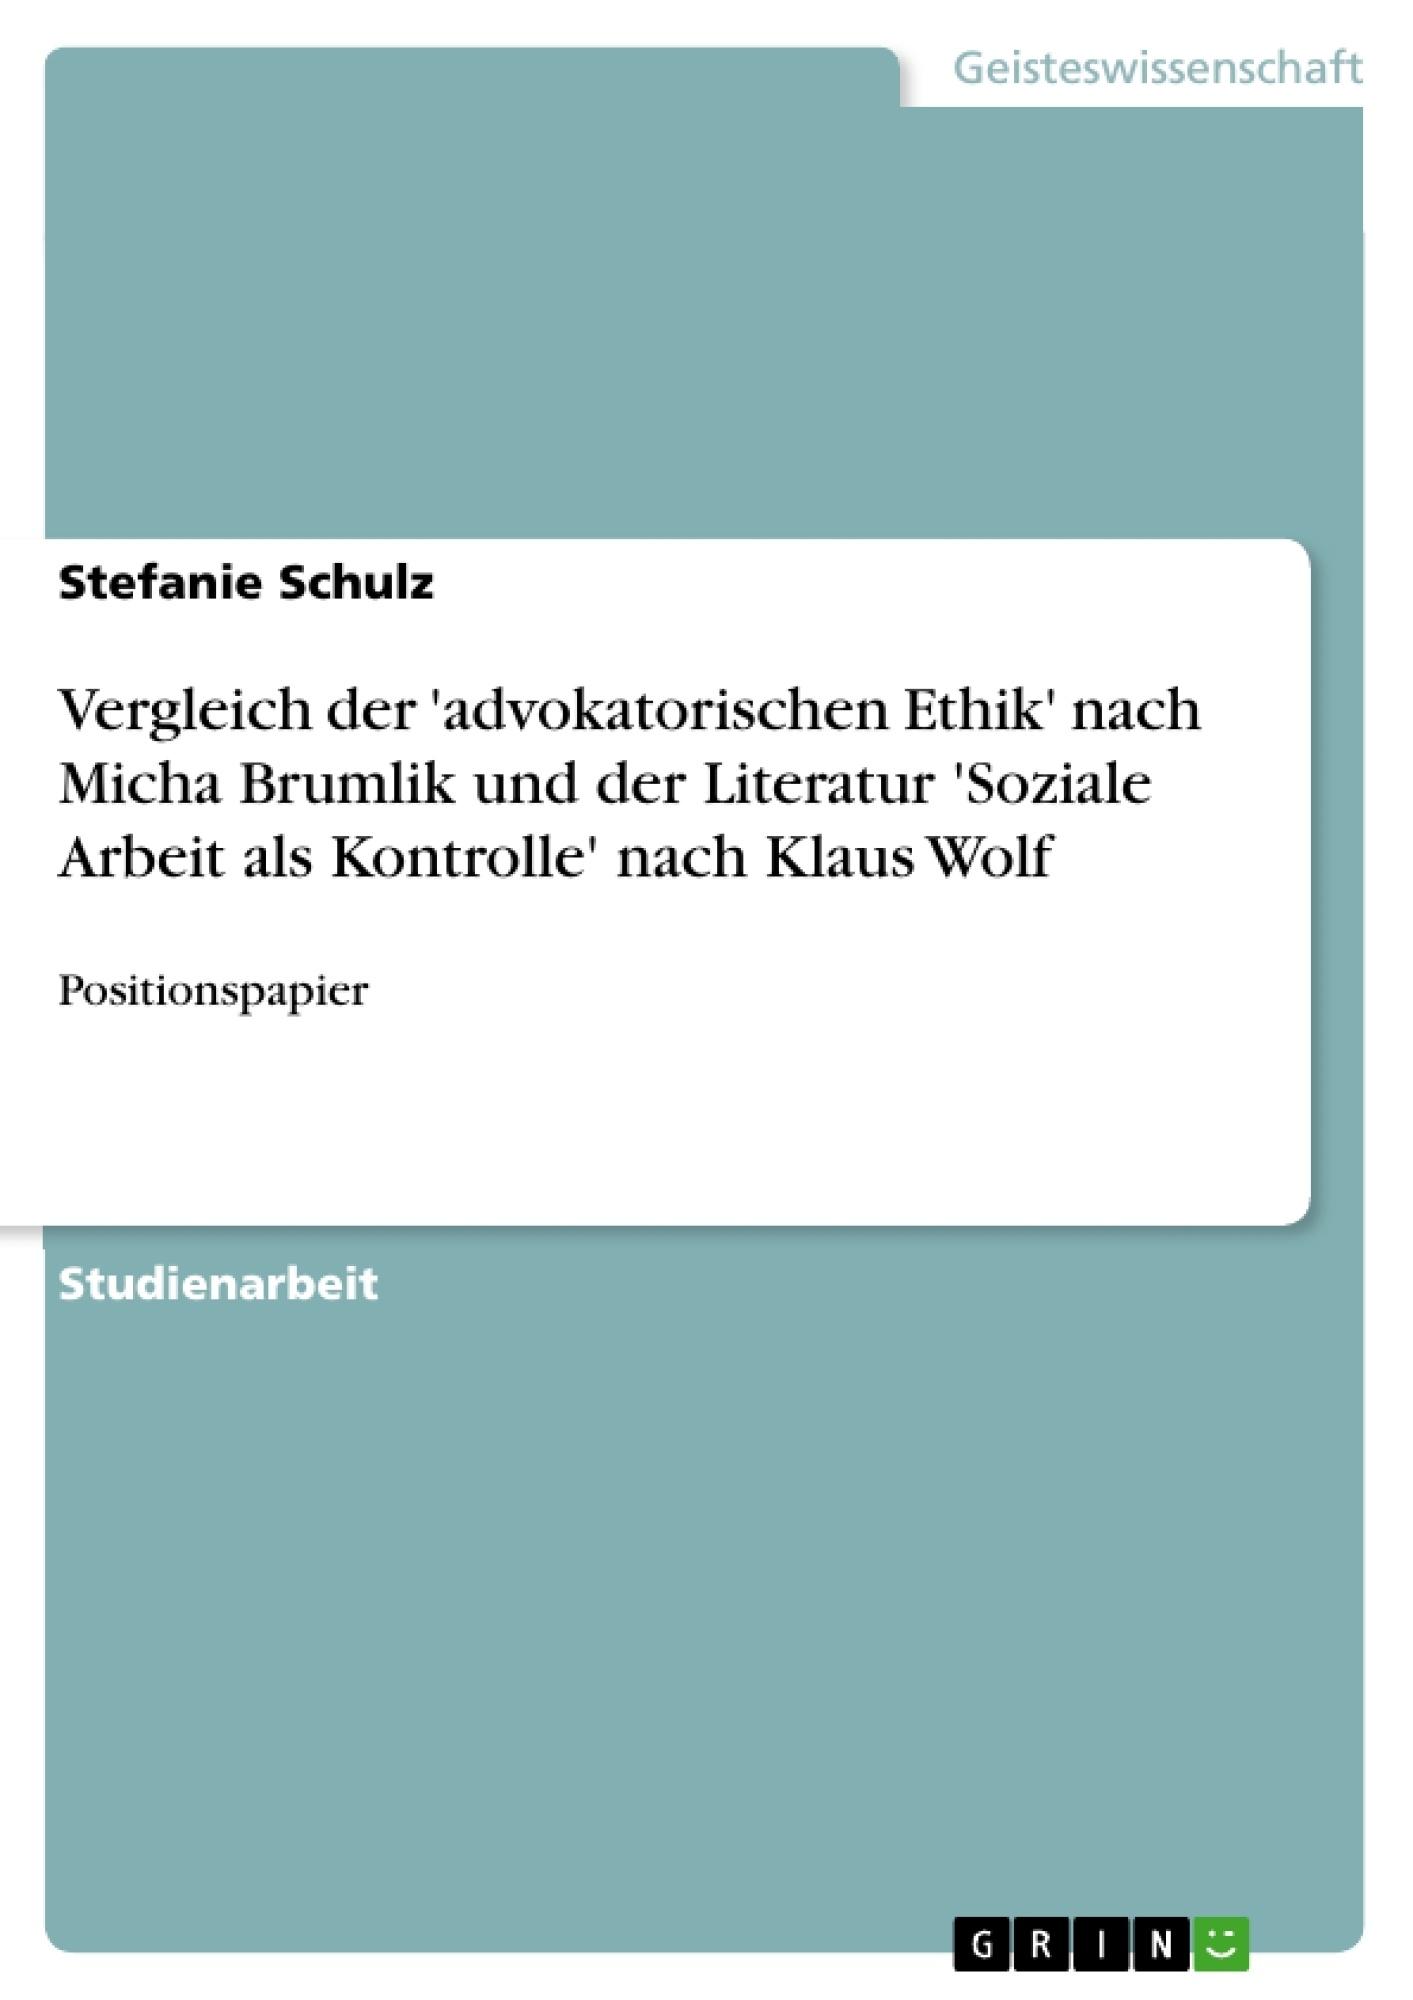 Titel: Vergleich der 'advokatorischen Ethik' nach Micha Brumlik und der Literatur 'Soziale Arbeit als Kontrolle' nach Klaus Wolf